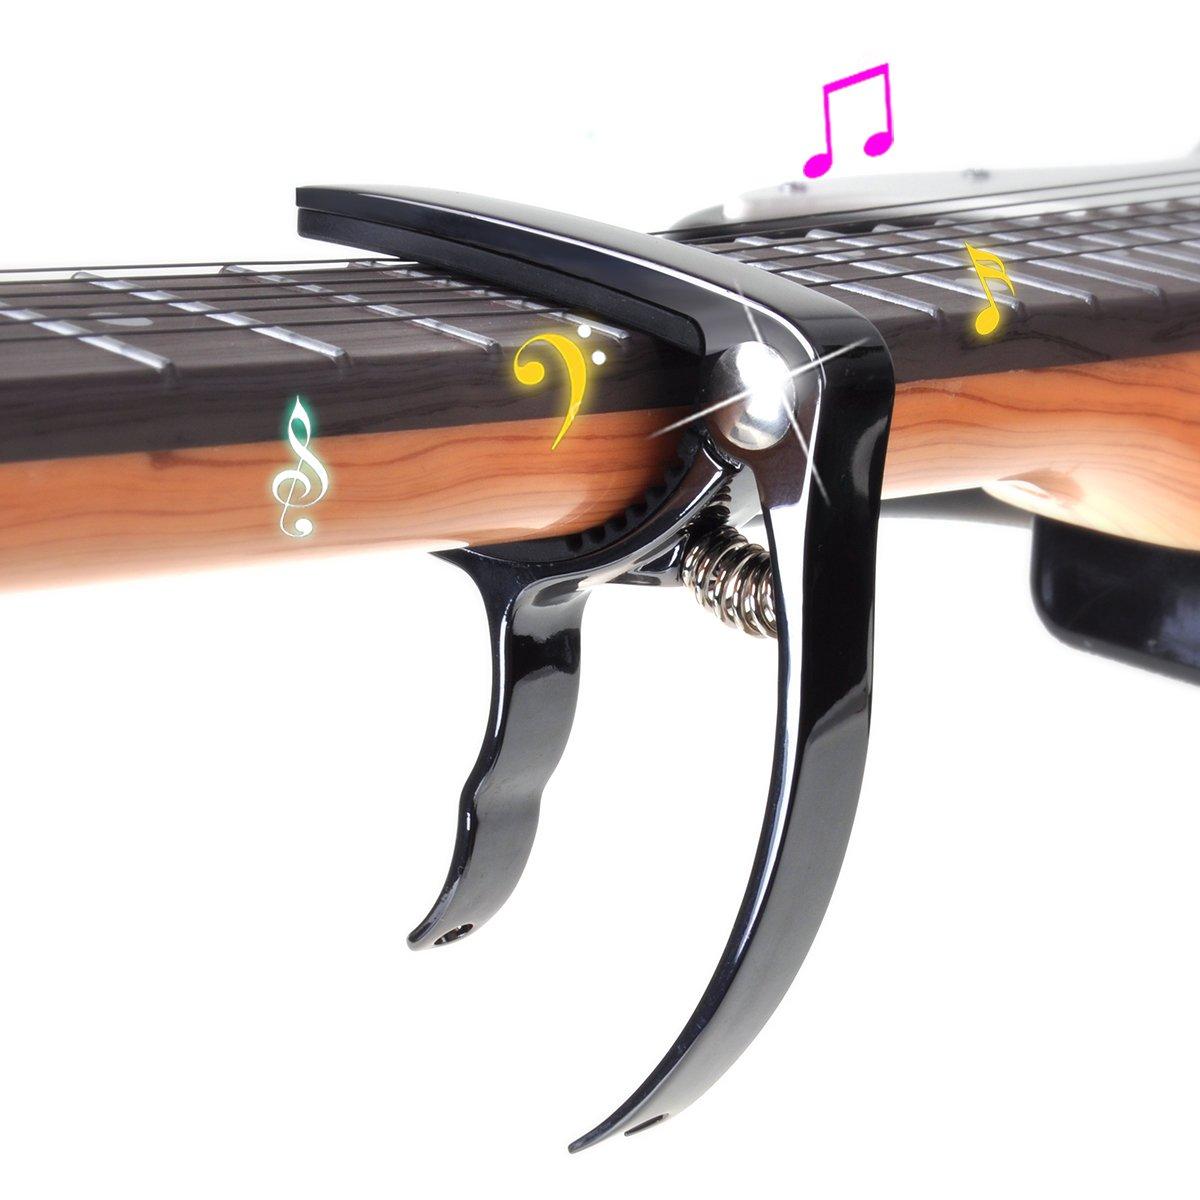 Cejilla Guitarra Acustica de Aluminio Y 6 Puas DEWEL Cejilla ukelele con una Bolsa de Terciopelo Perfecto para Guitarra Electrónica/Clásica